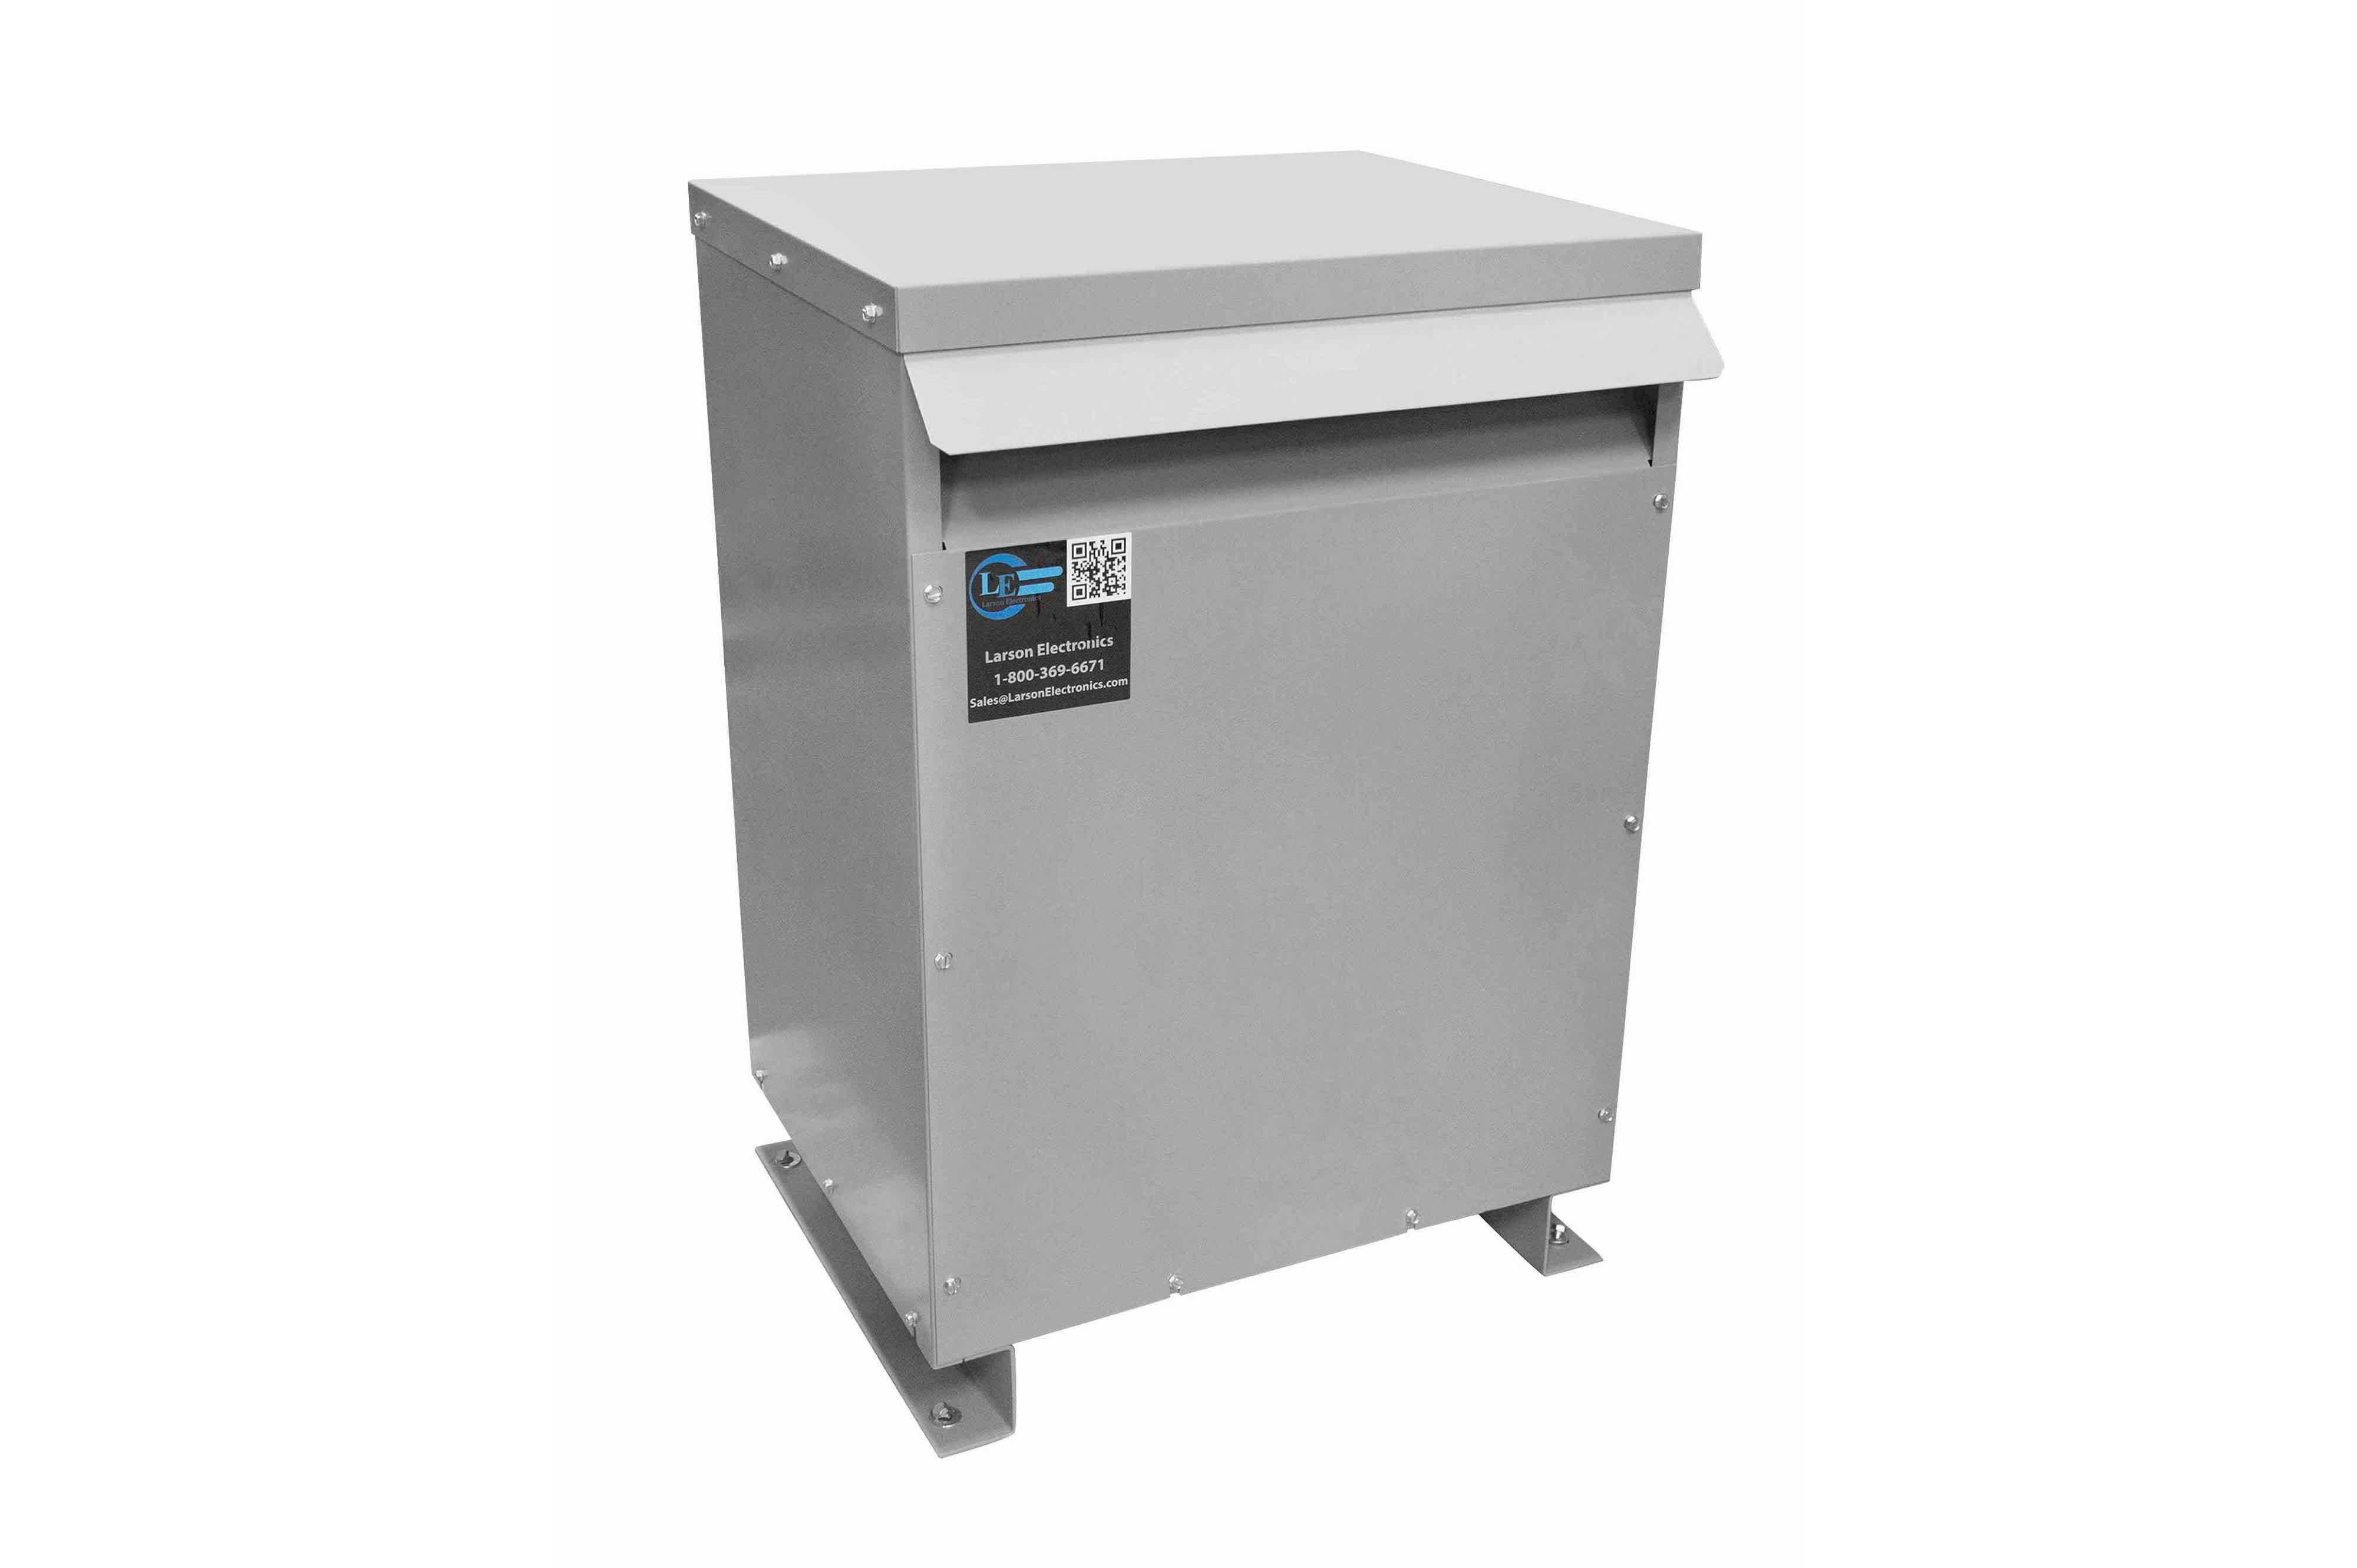 36 kVA 3PH Isolation Transformer, 480V Delta Primary, 575V Delta Secondary, N3R, Ventilated, 60 Hz